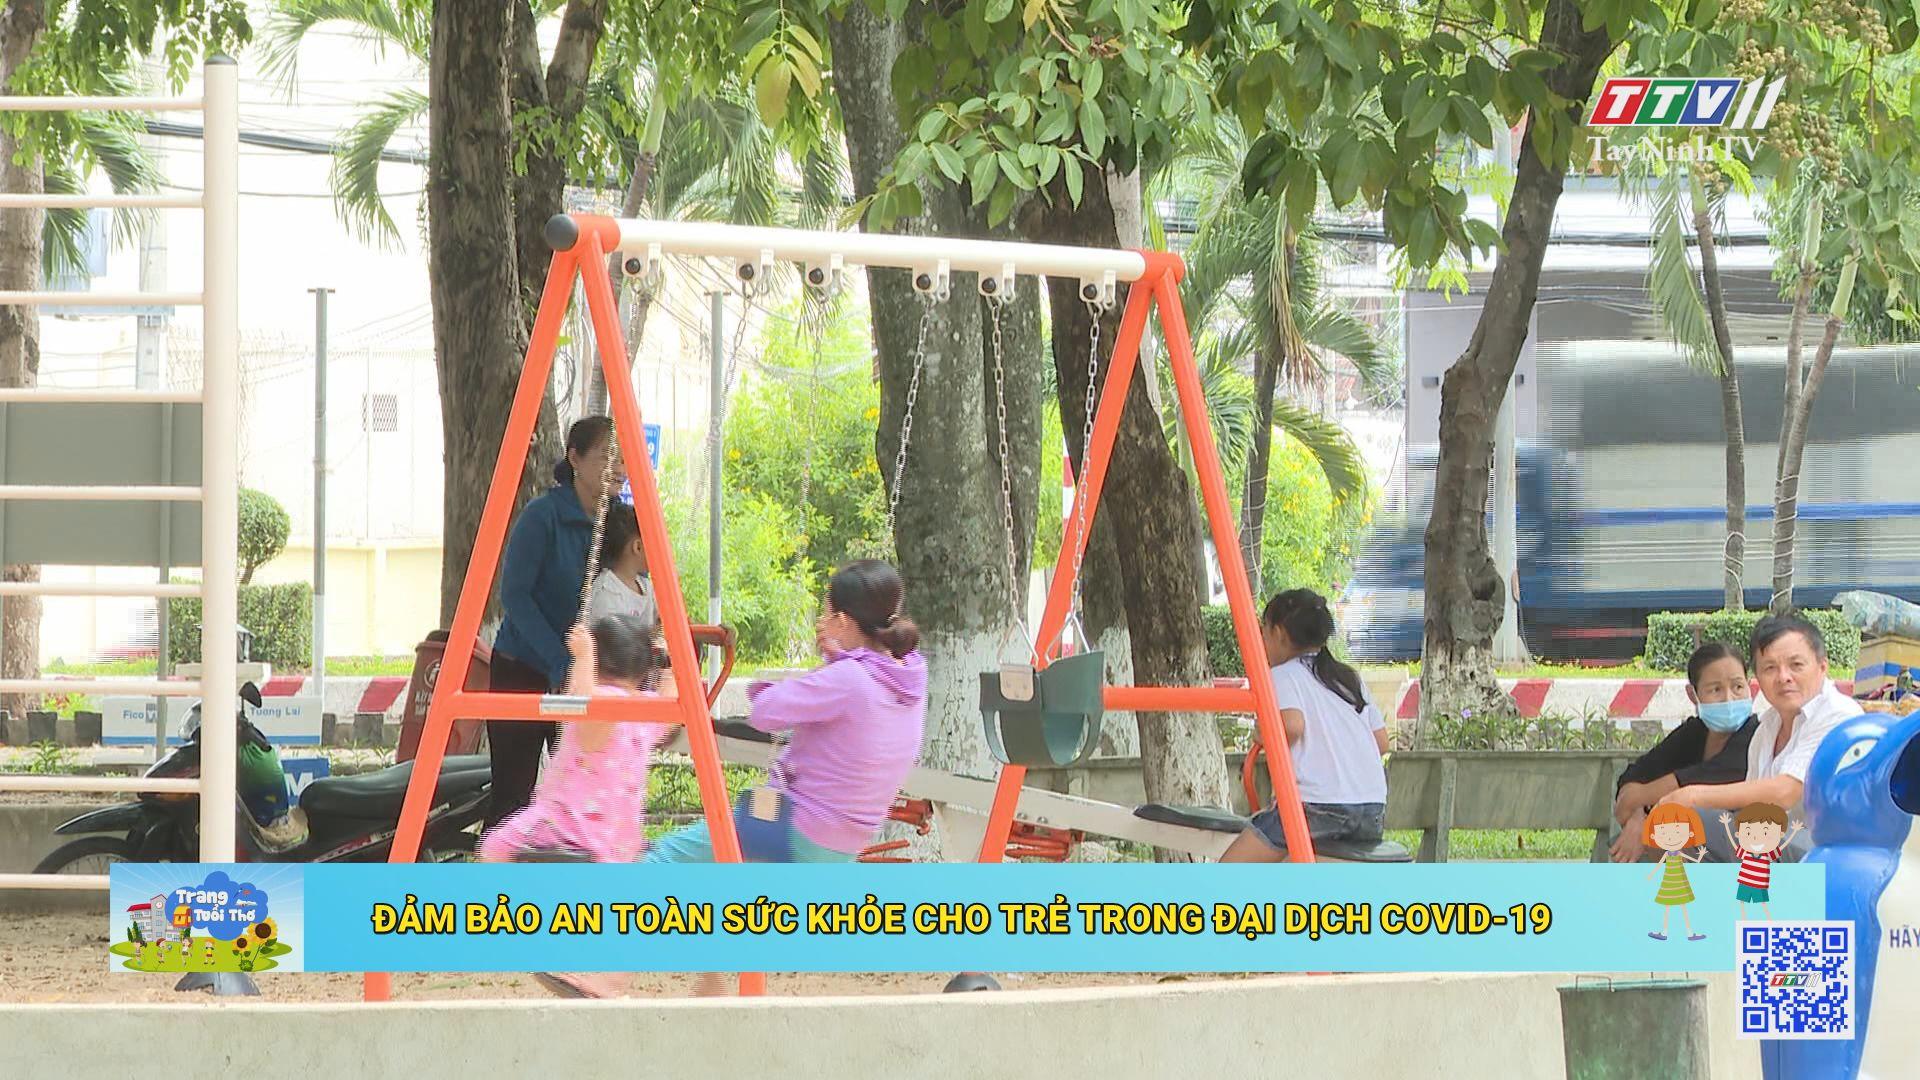 Đảm bảo an toàn sức khỏe cho trẻ trong đại dịch Covid-19 | TRANG TUỔI THƠ | TayNinhTV